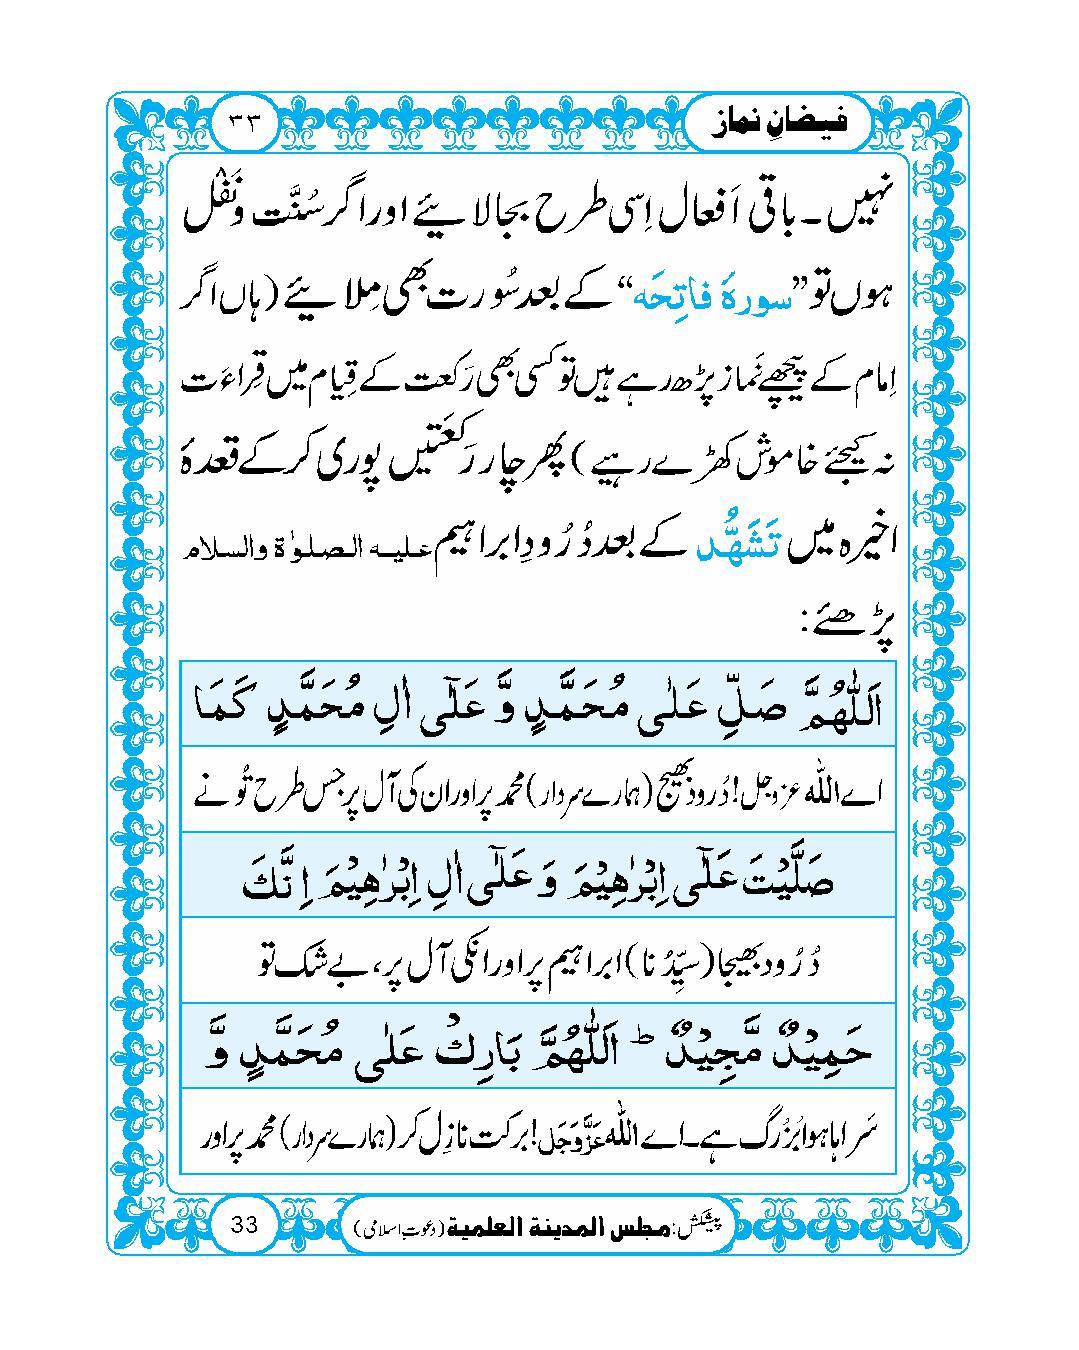 page No 33